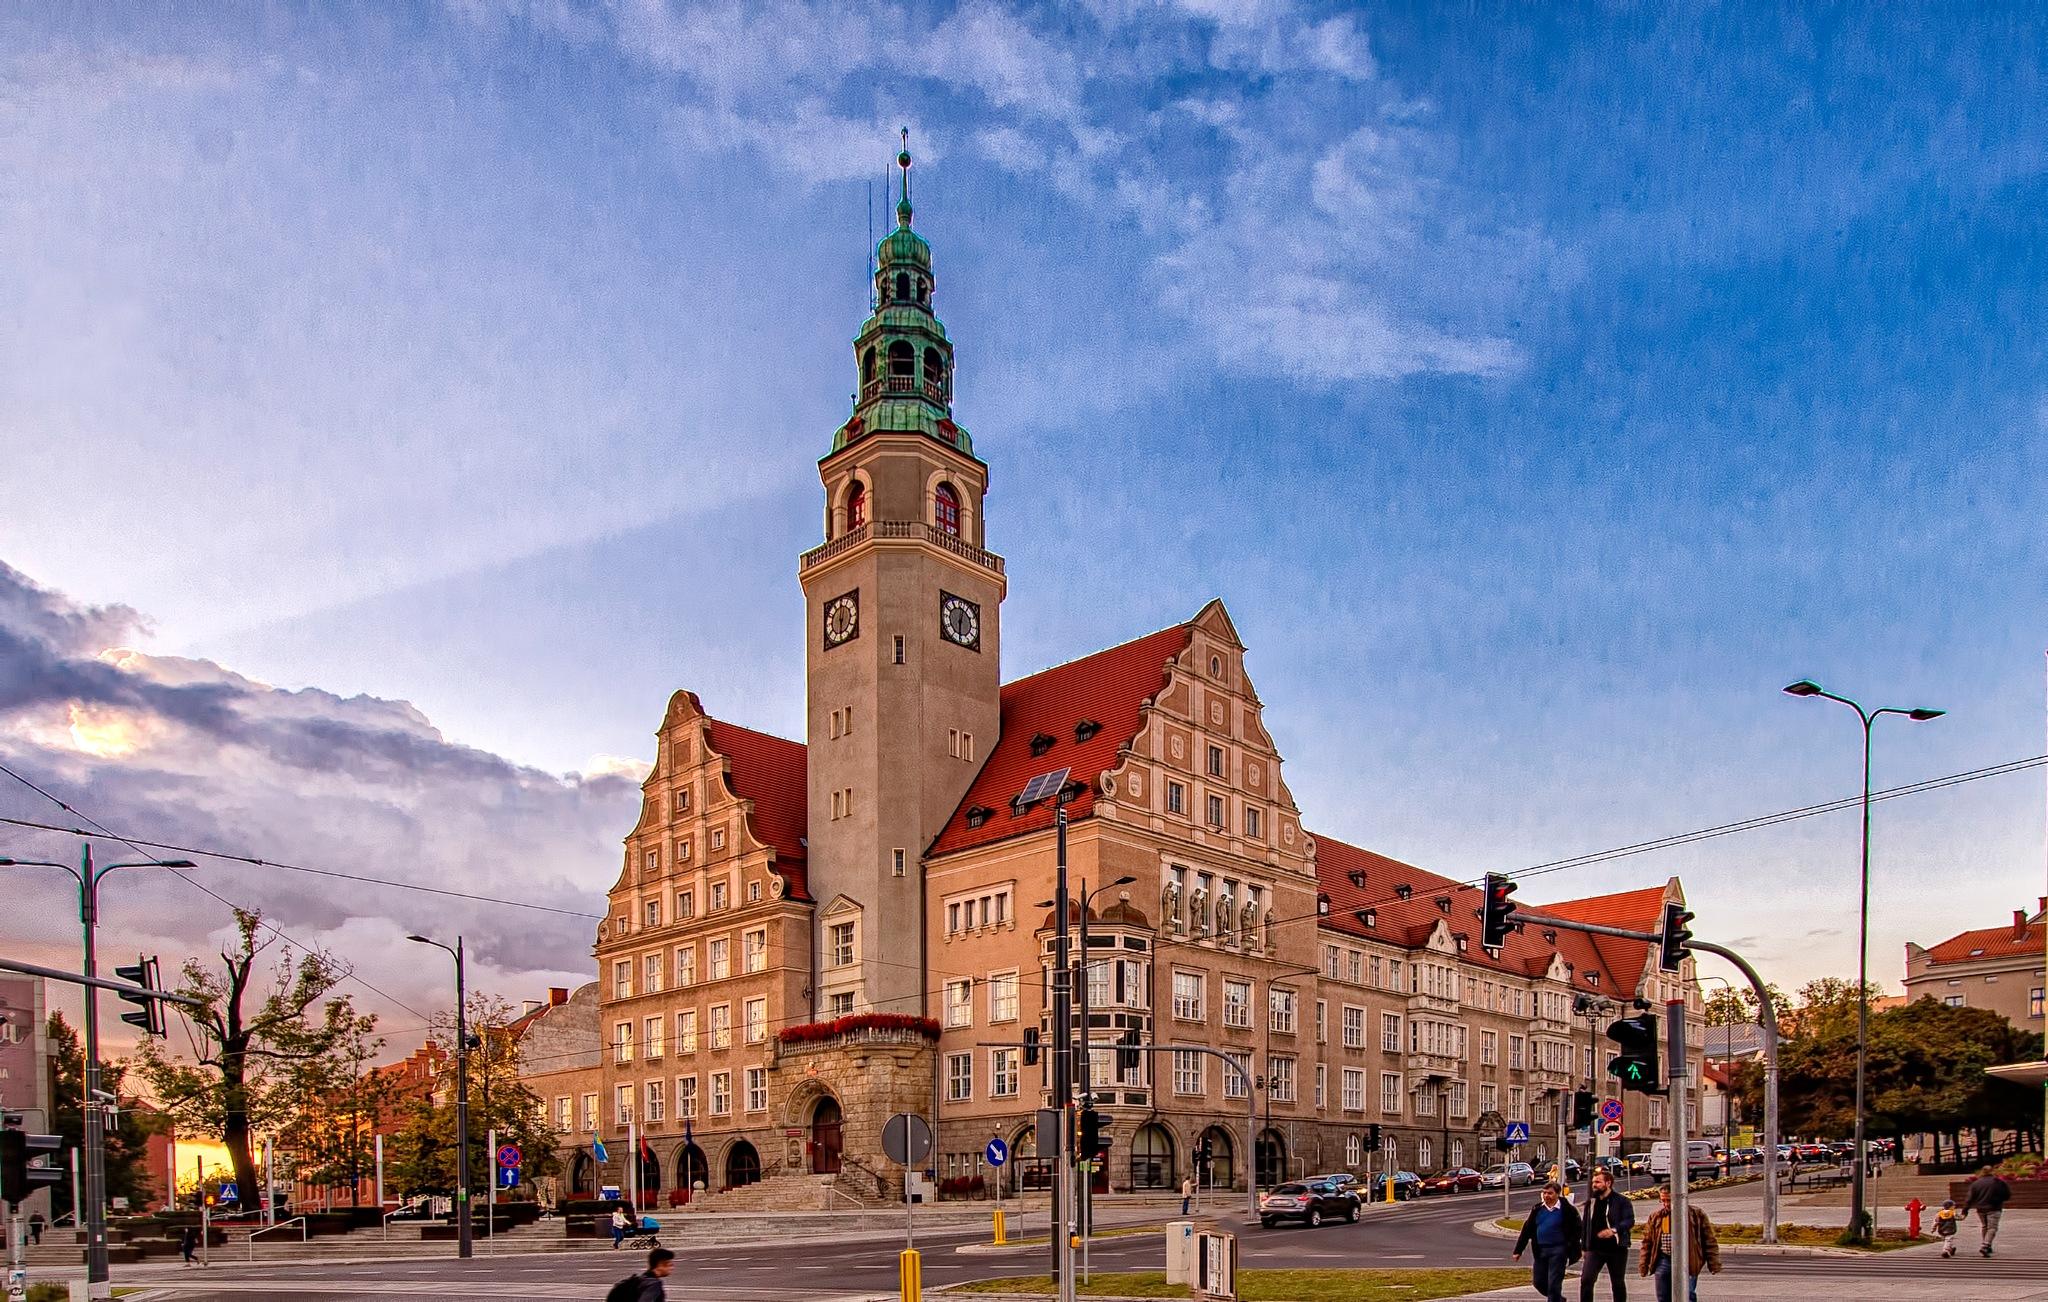 Town hall by Krzysztof Mackiewicz